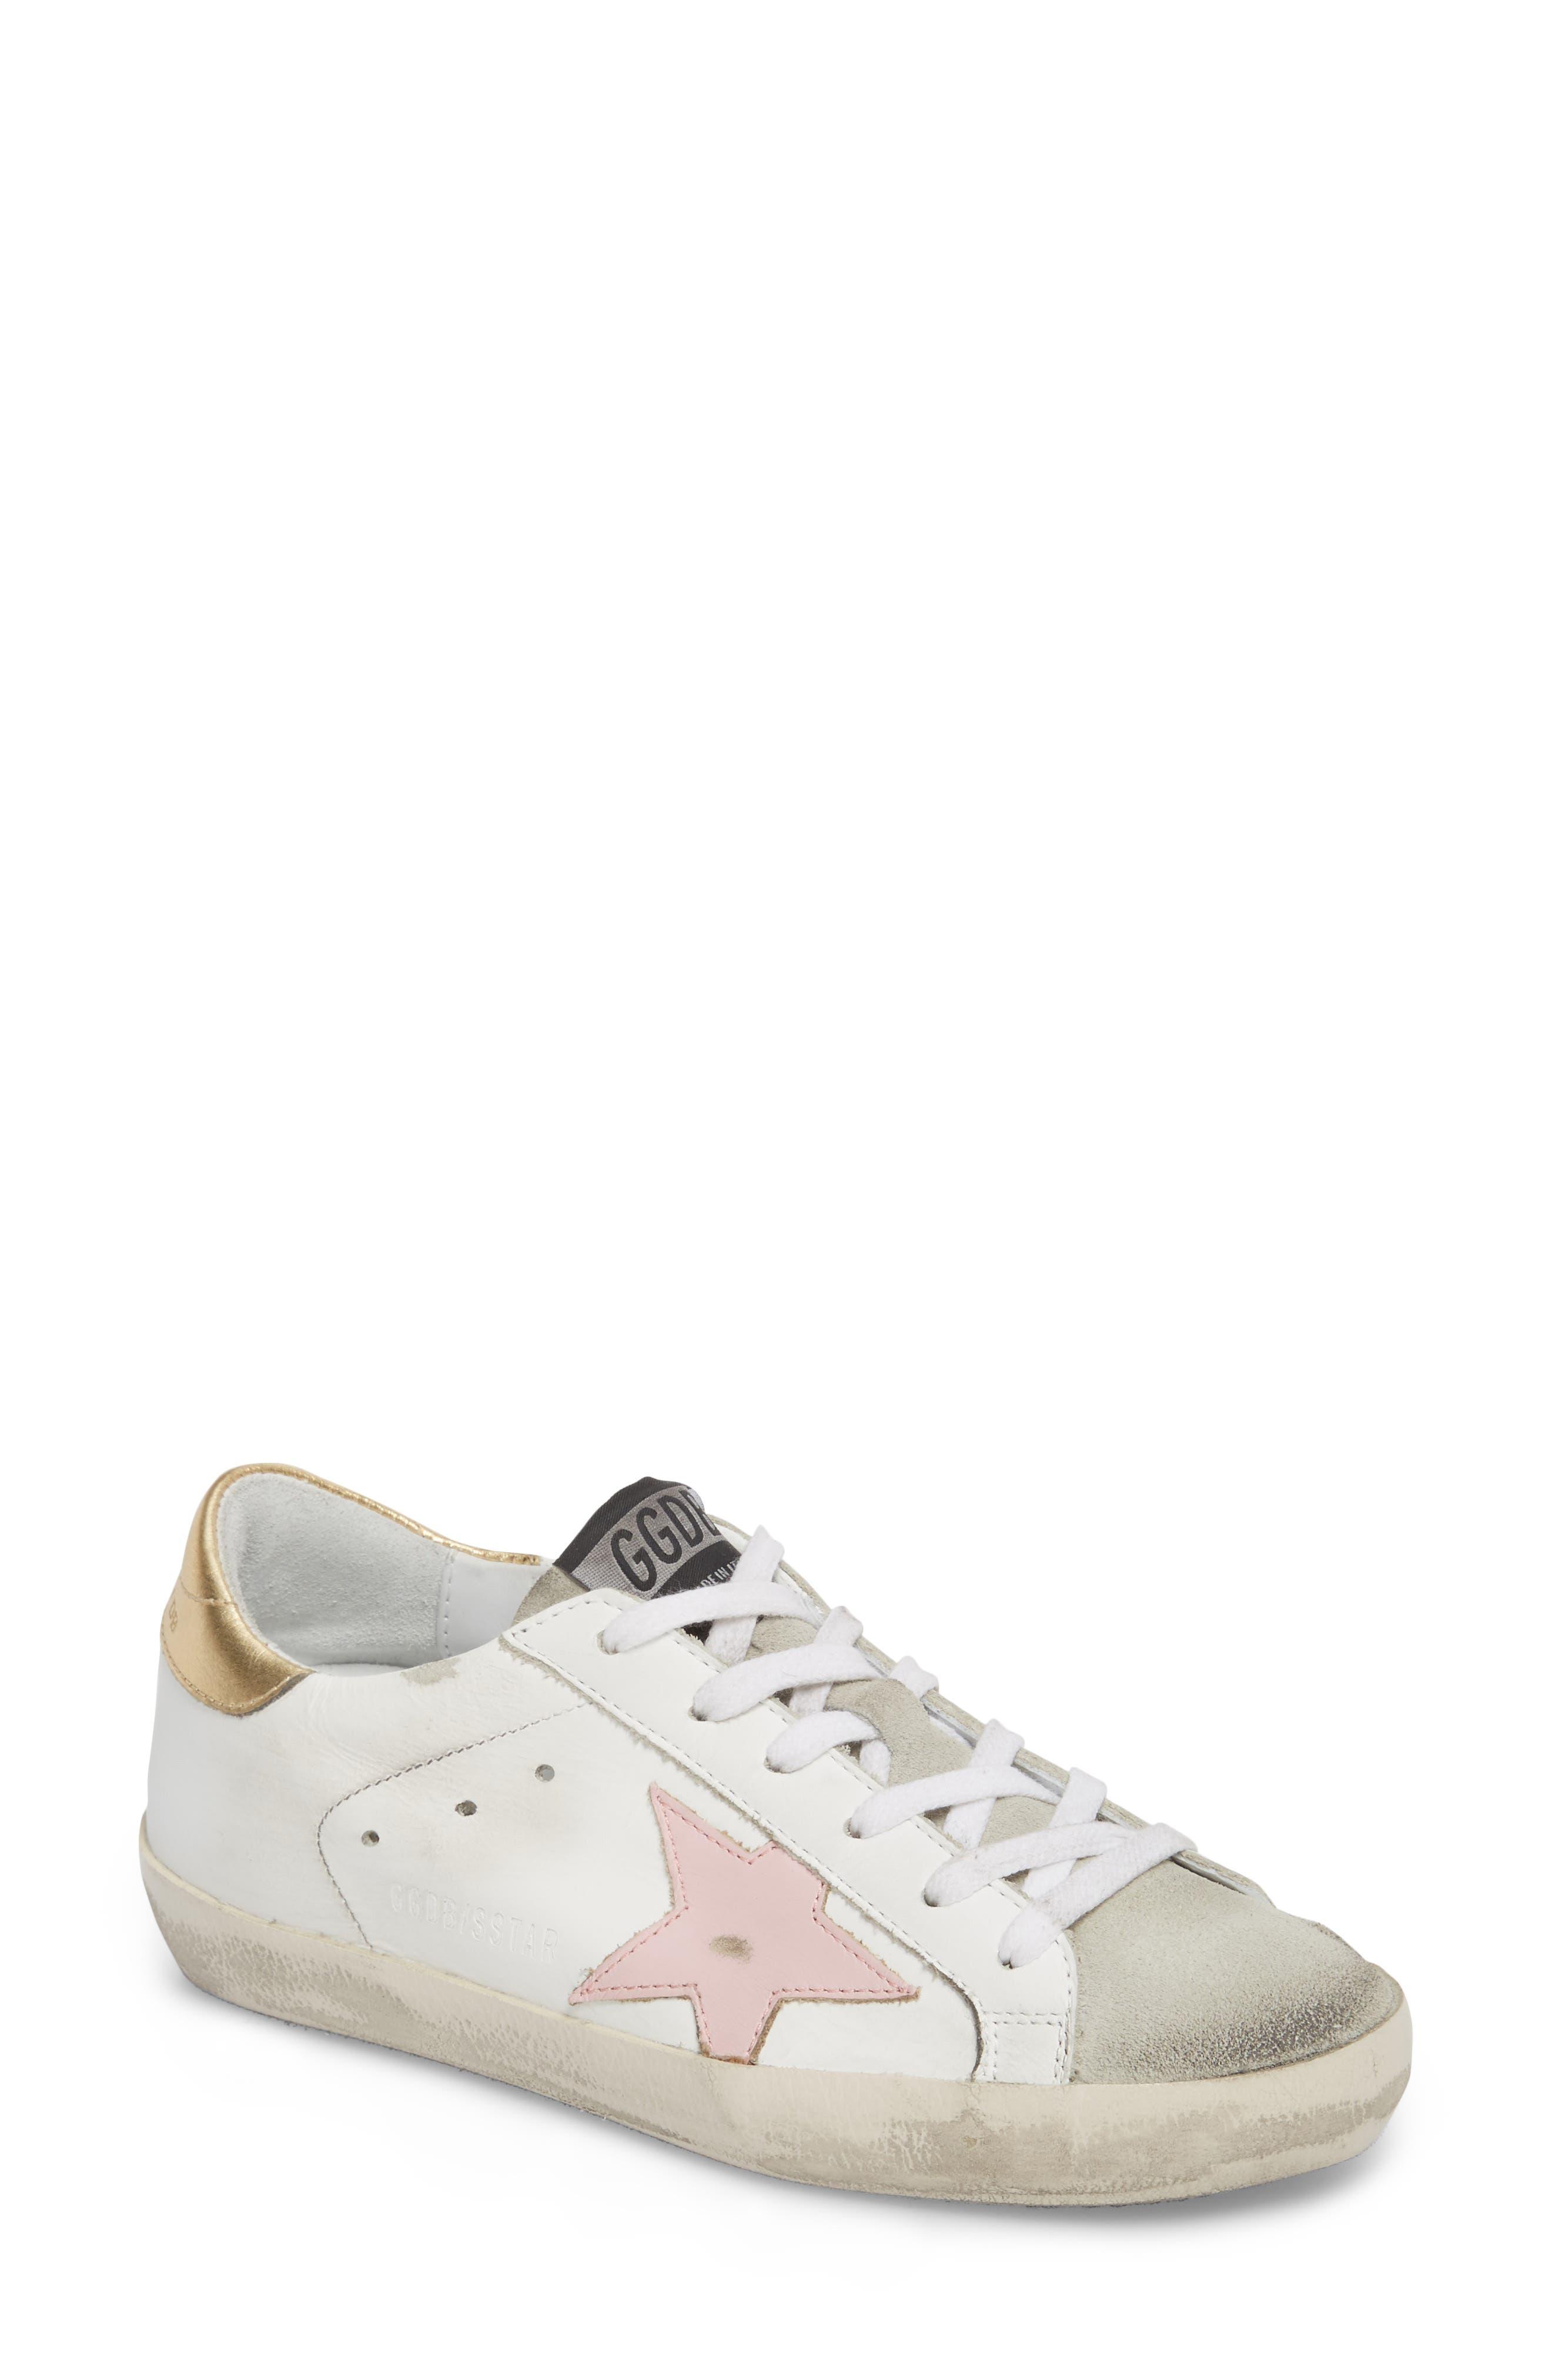 Alternate Image 1 Selected - Golden Goose Superstar Low Top Sneaker (Women)